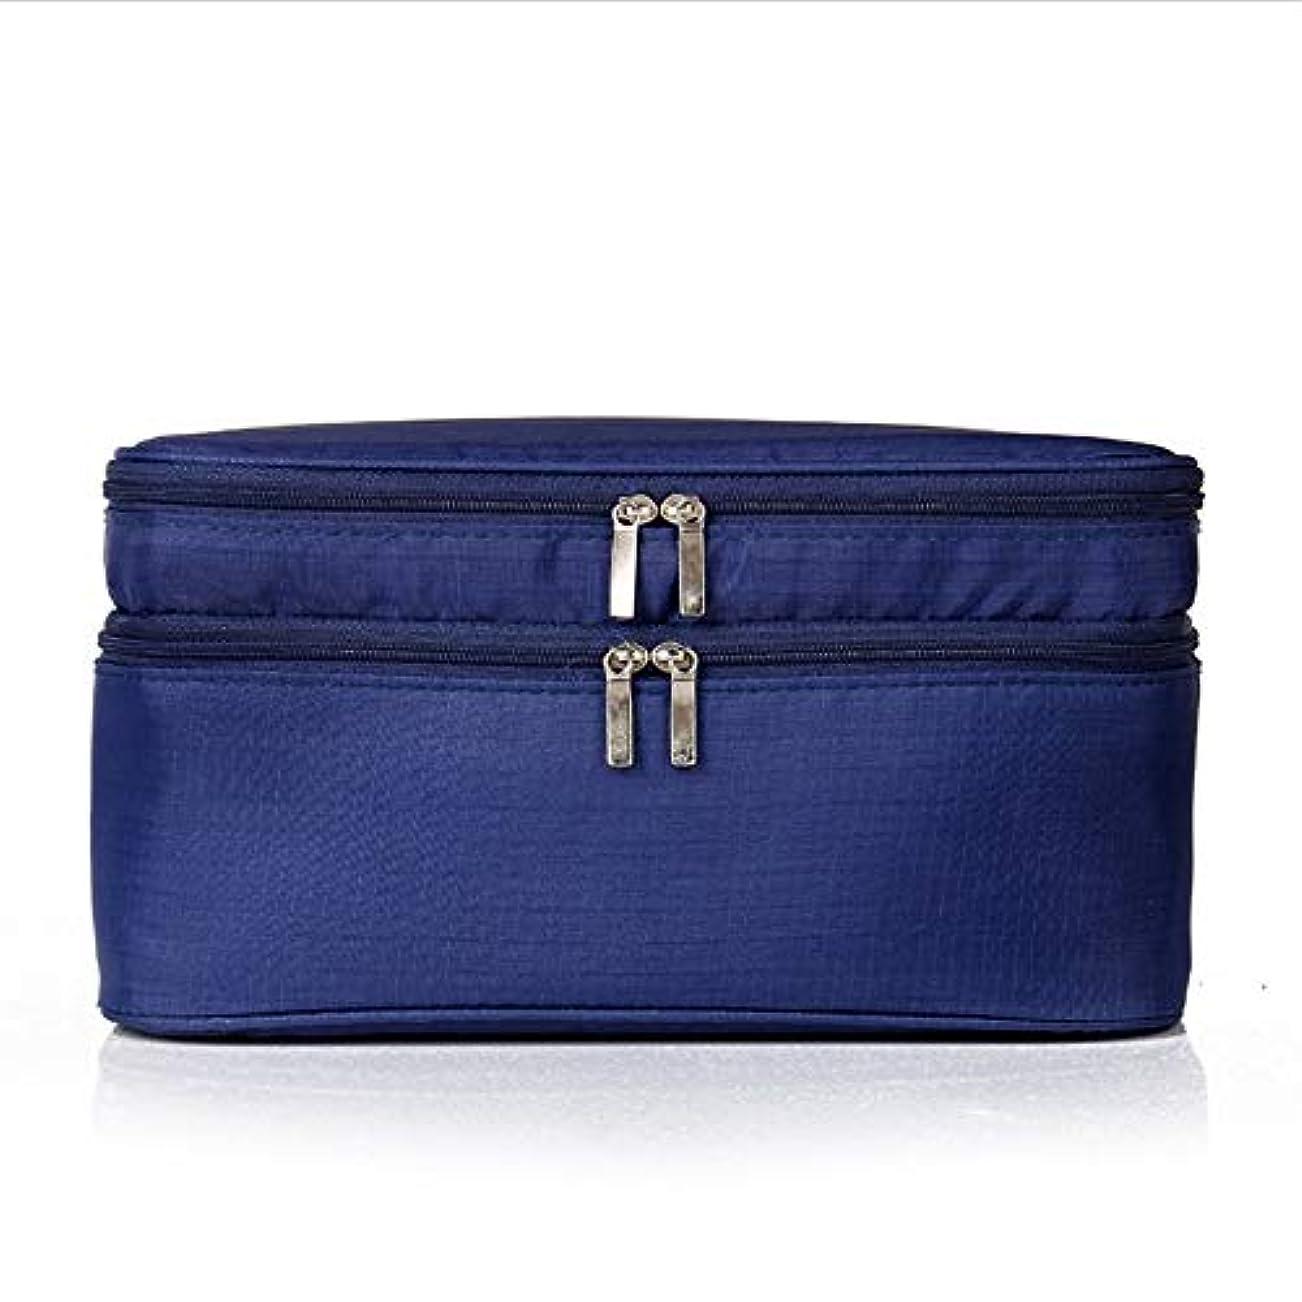 コロニー属するブレンド化粧オーガナイザーバッグ トラベルブラジャー収納バッグアンダーウェアバッグ防水パーソナルファッションバッグピンク 化粧品ケース (色 : 青)